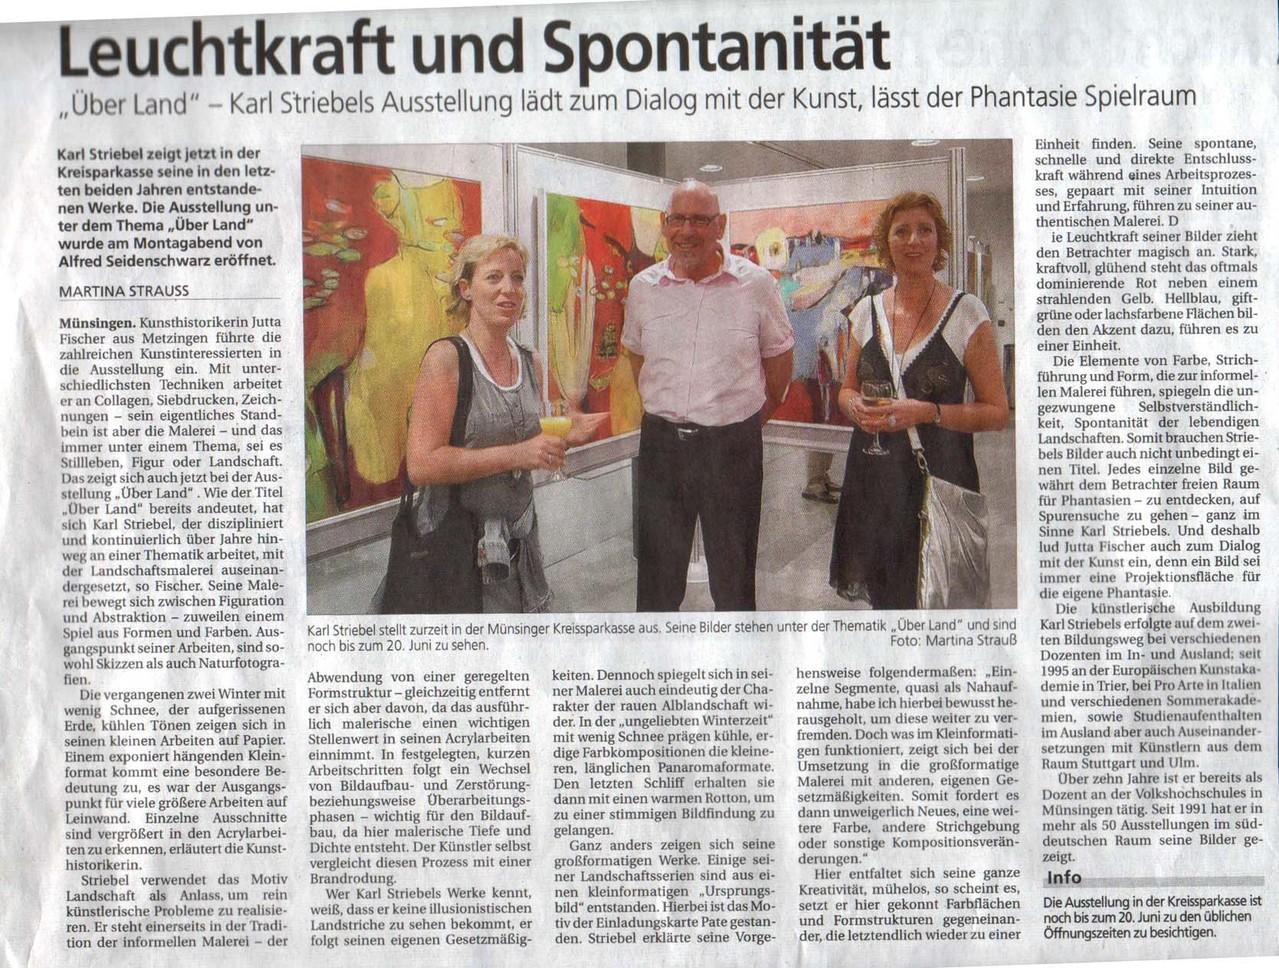 2008 -Alb-Bote  Ausstellung in der Kreissparkasse Münsingen